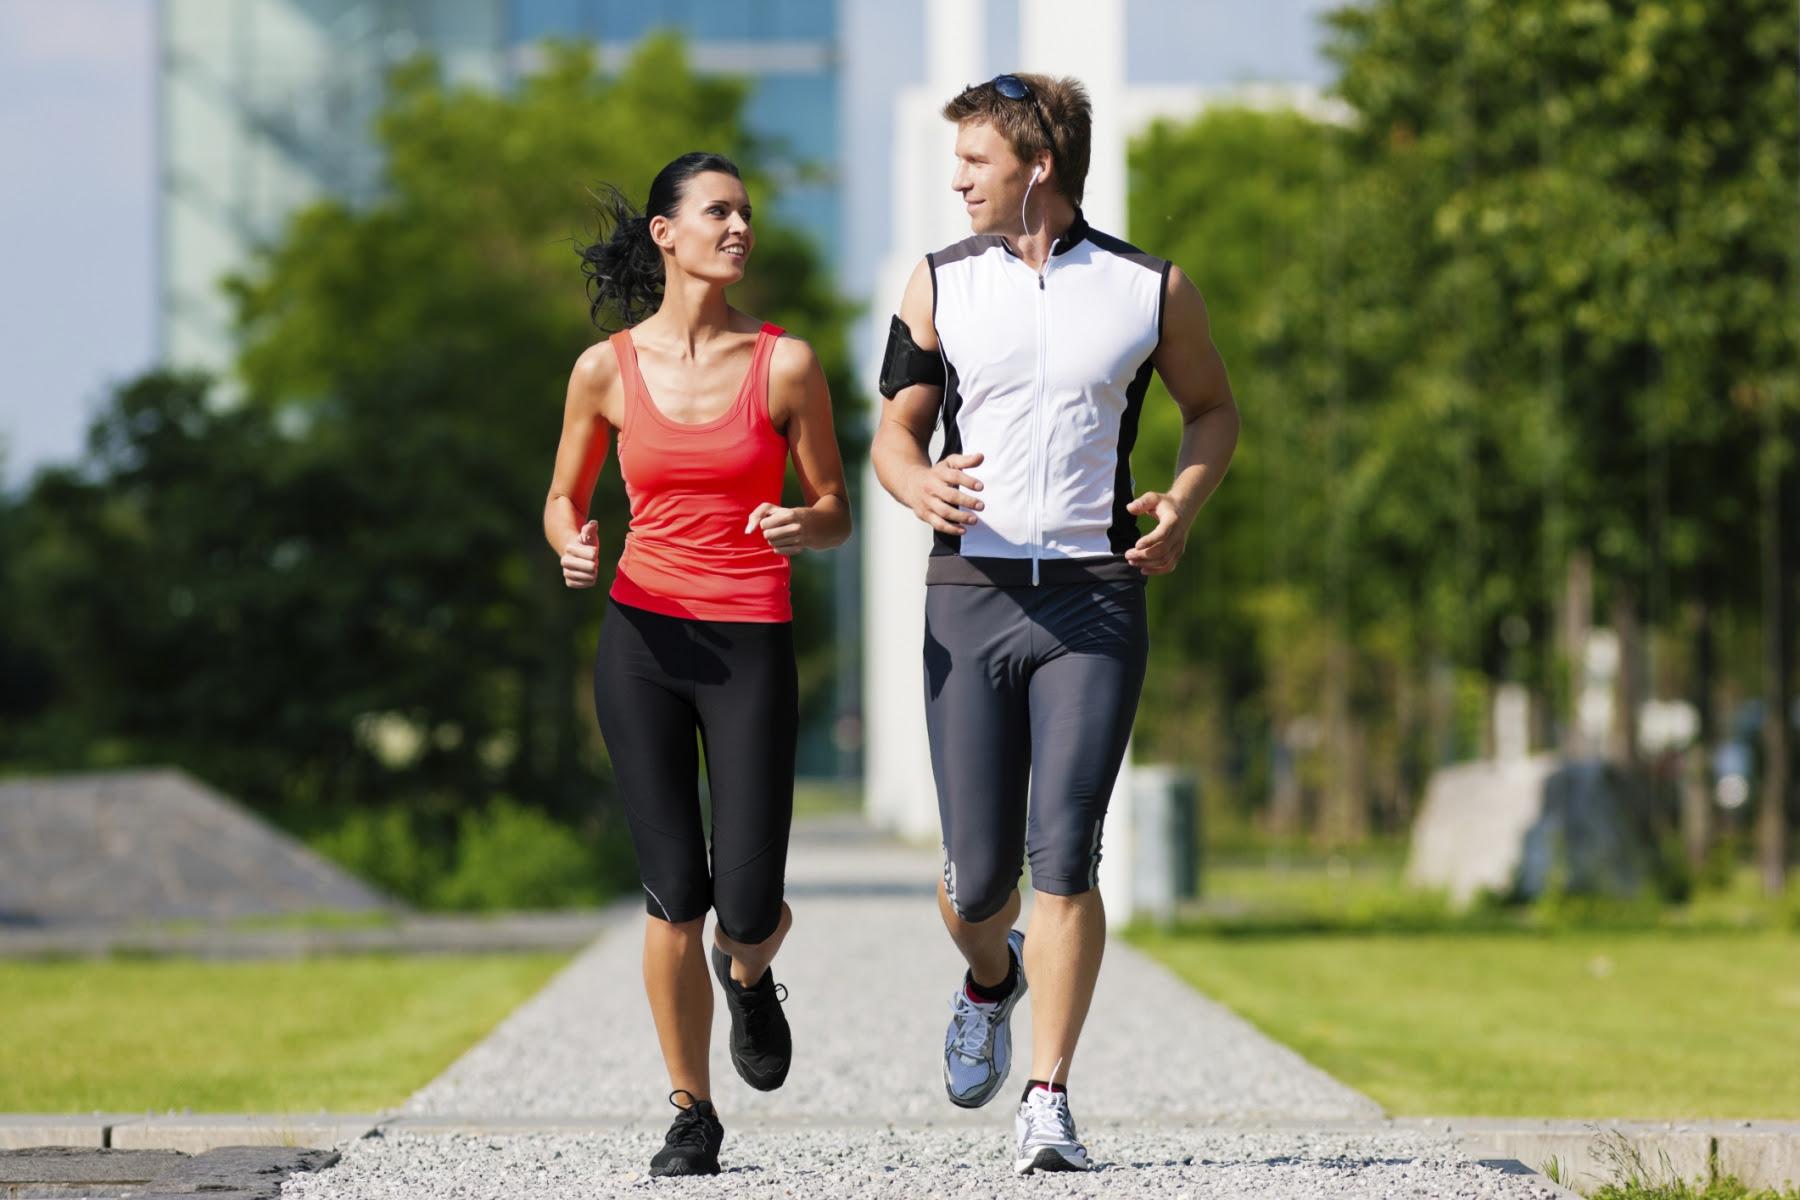 Veinte minutos de ejercicio, un antiinflamatorio saludable